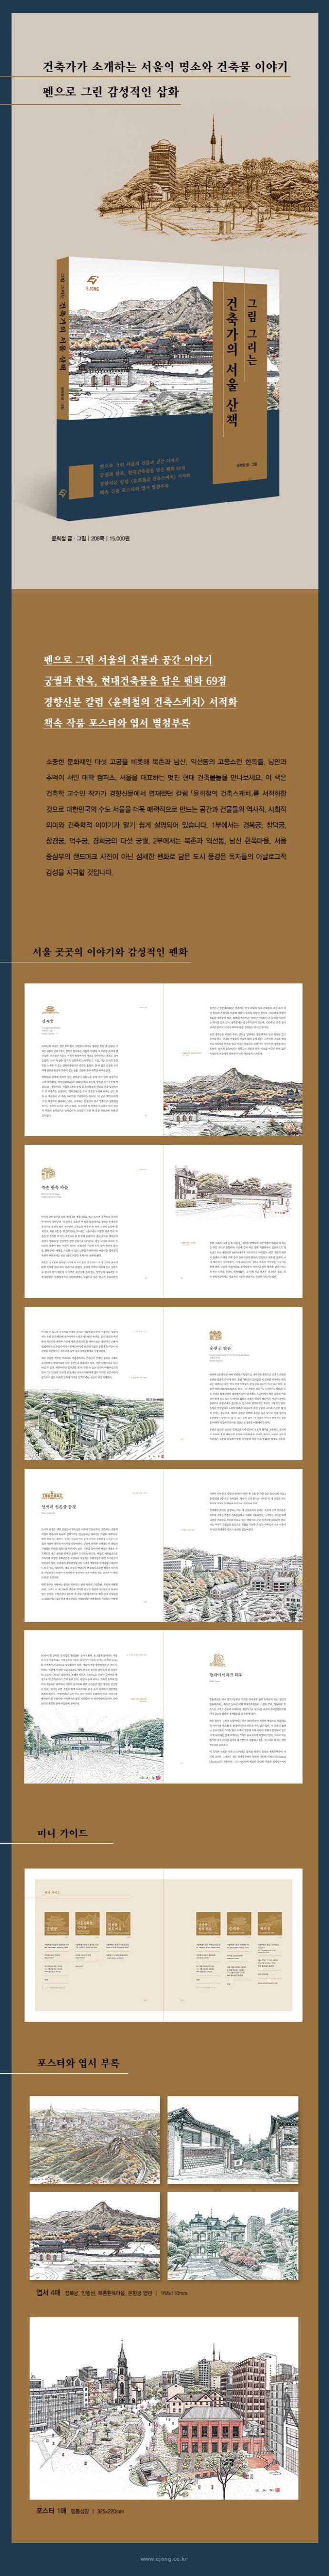 그림 그리는 건축가의 서울 산책 도서 상세이미지